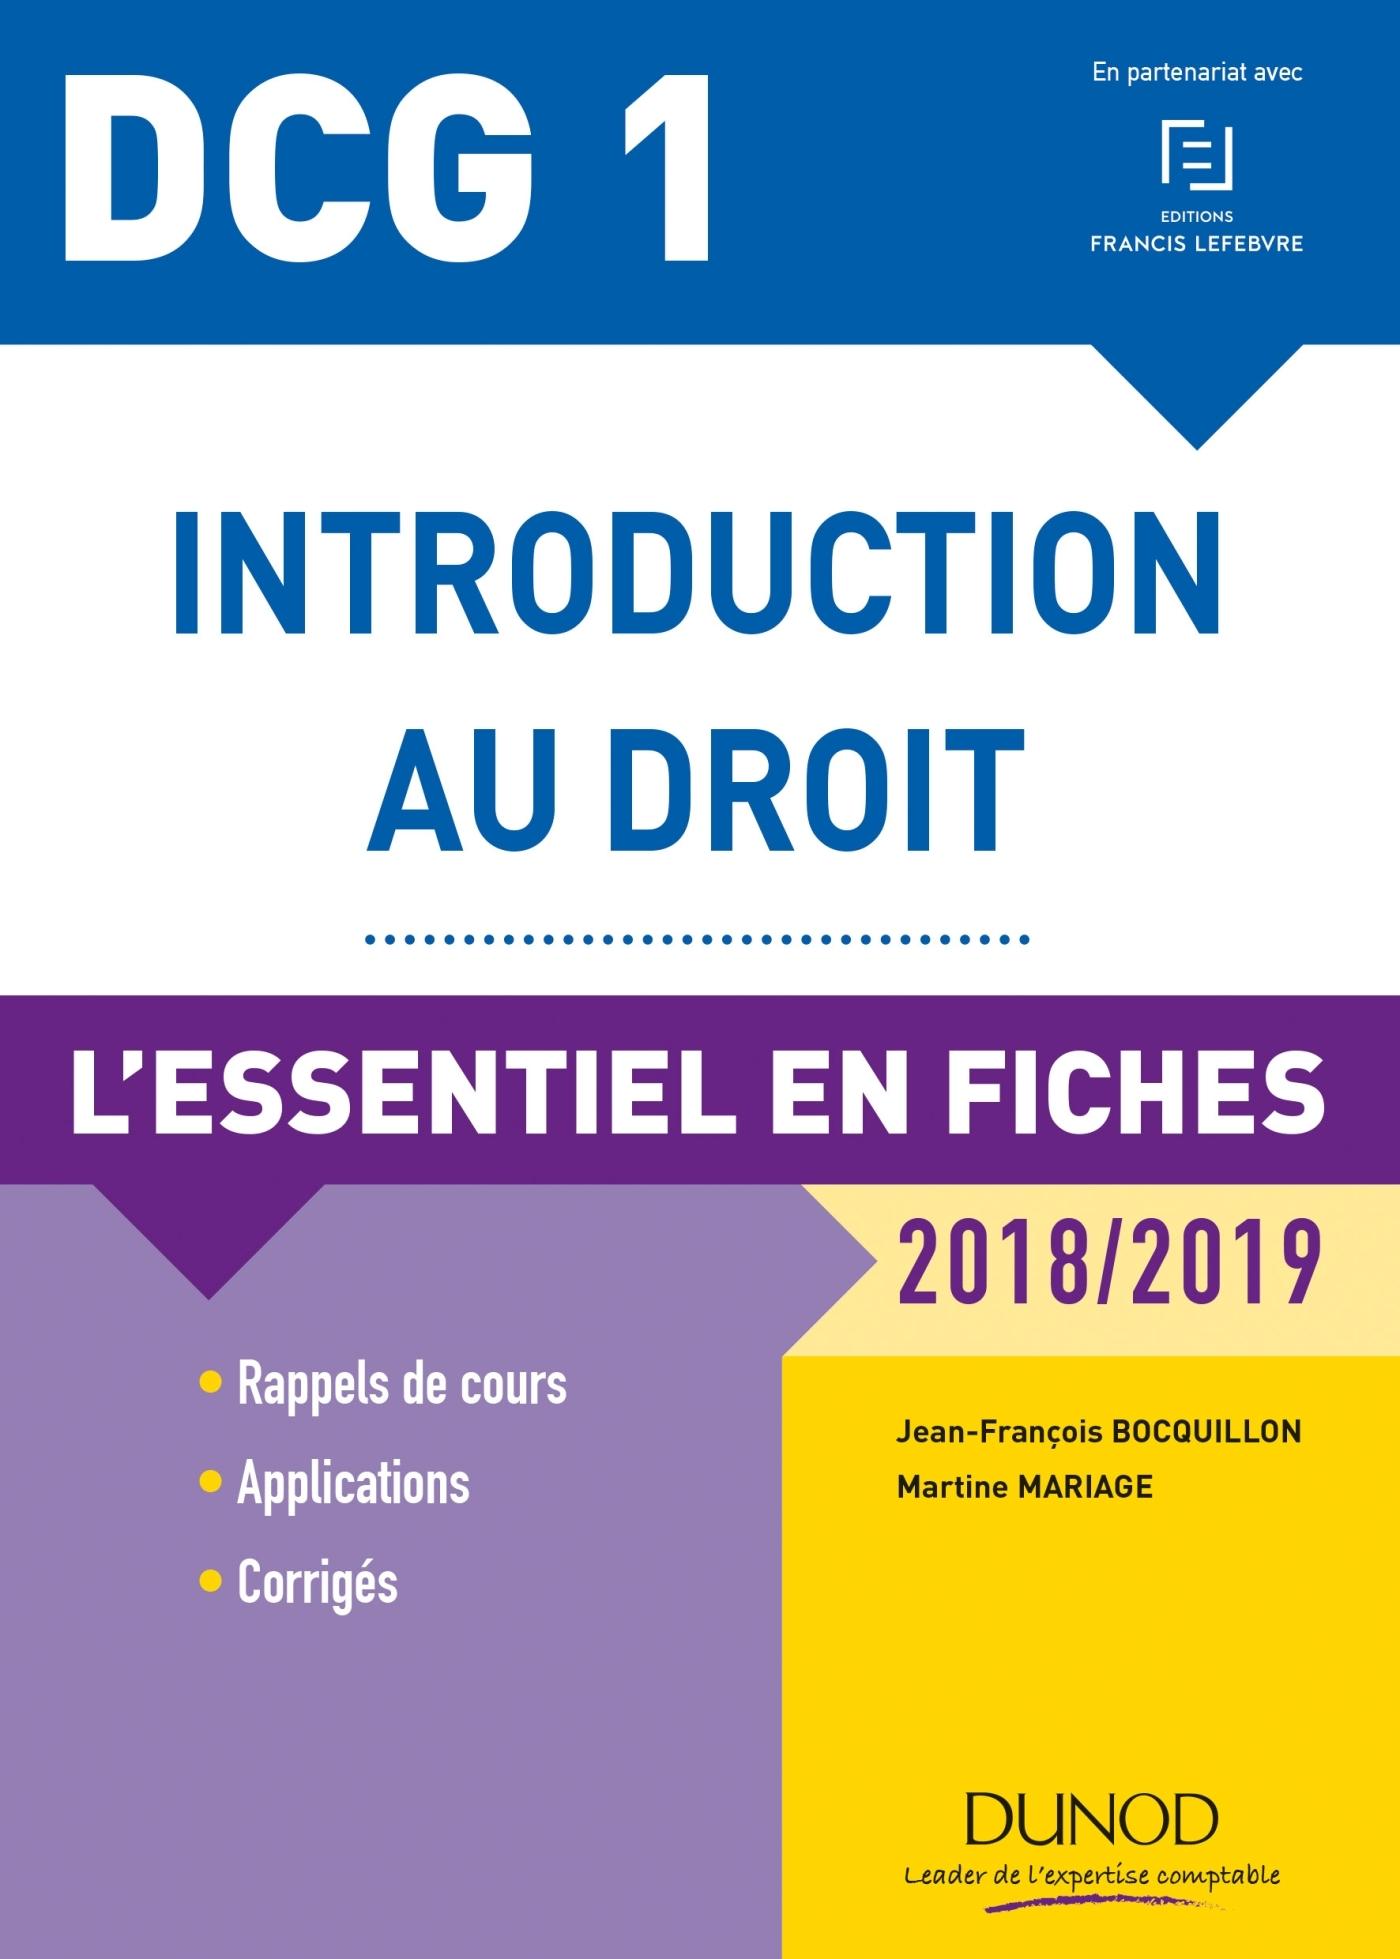 30c96c1b2ef DCG 1 - Introduction au droit - 2018 2019 - 9e édition. L essentiel en  fiches